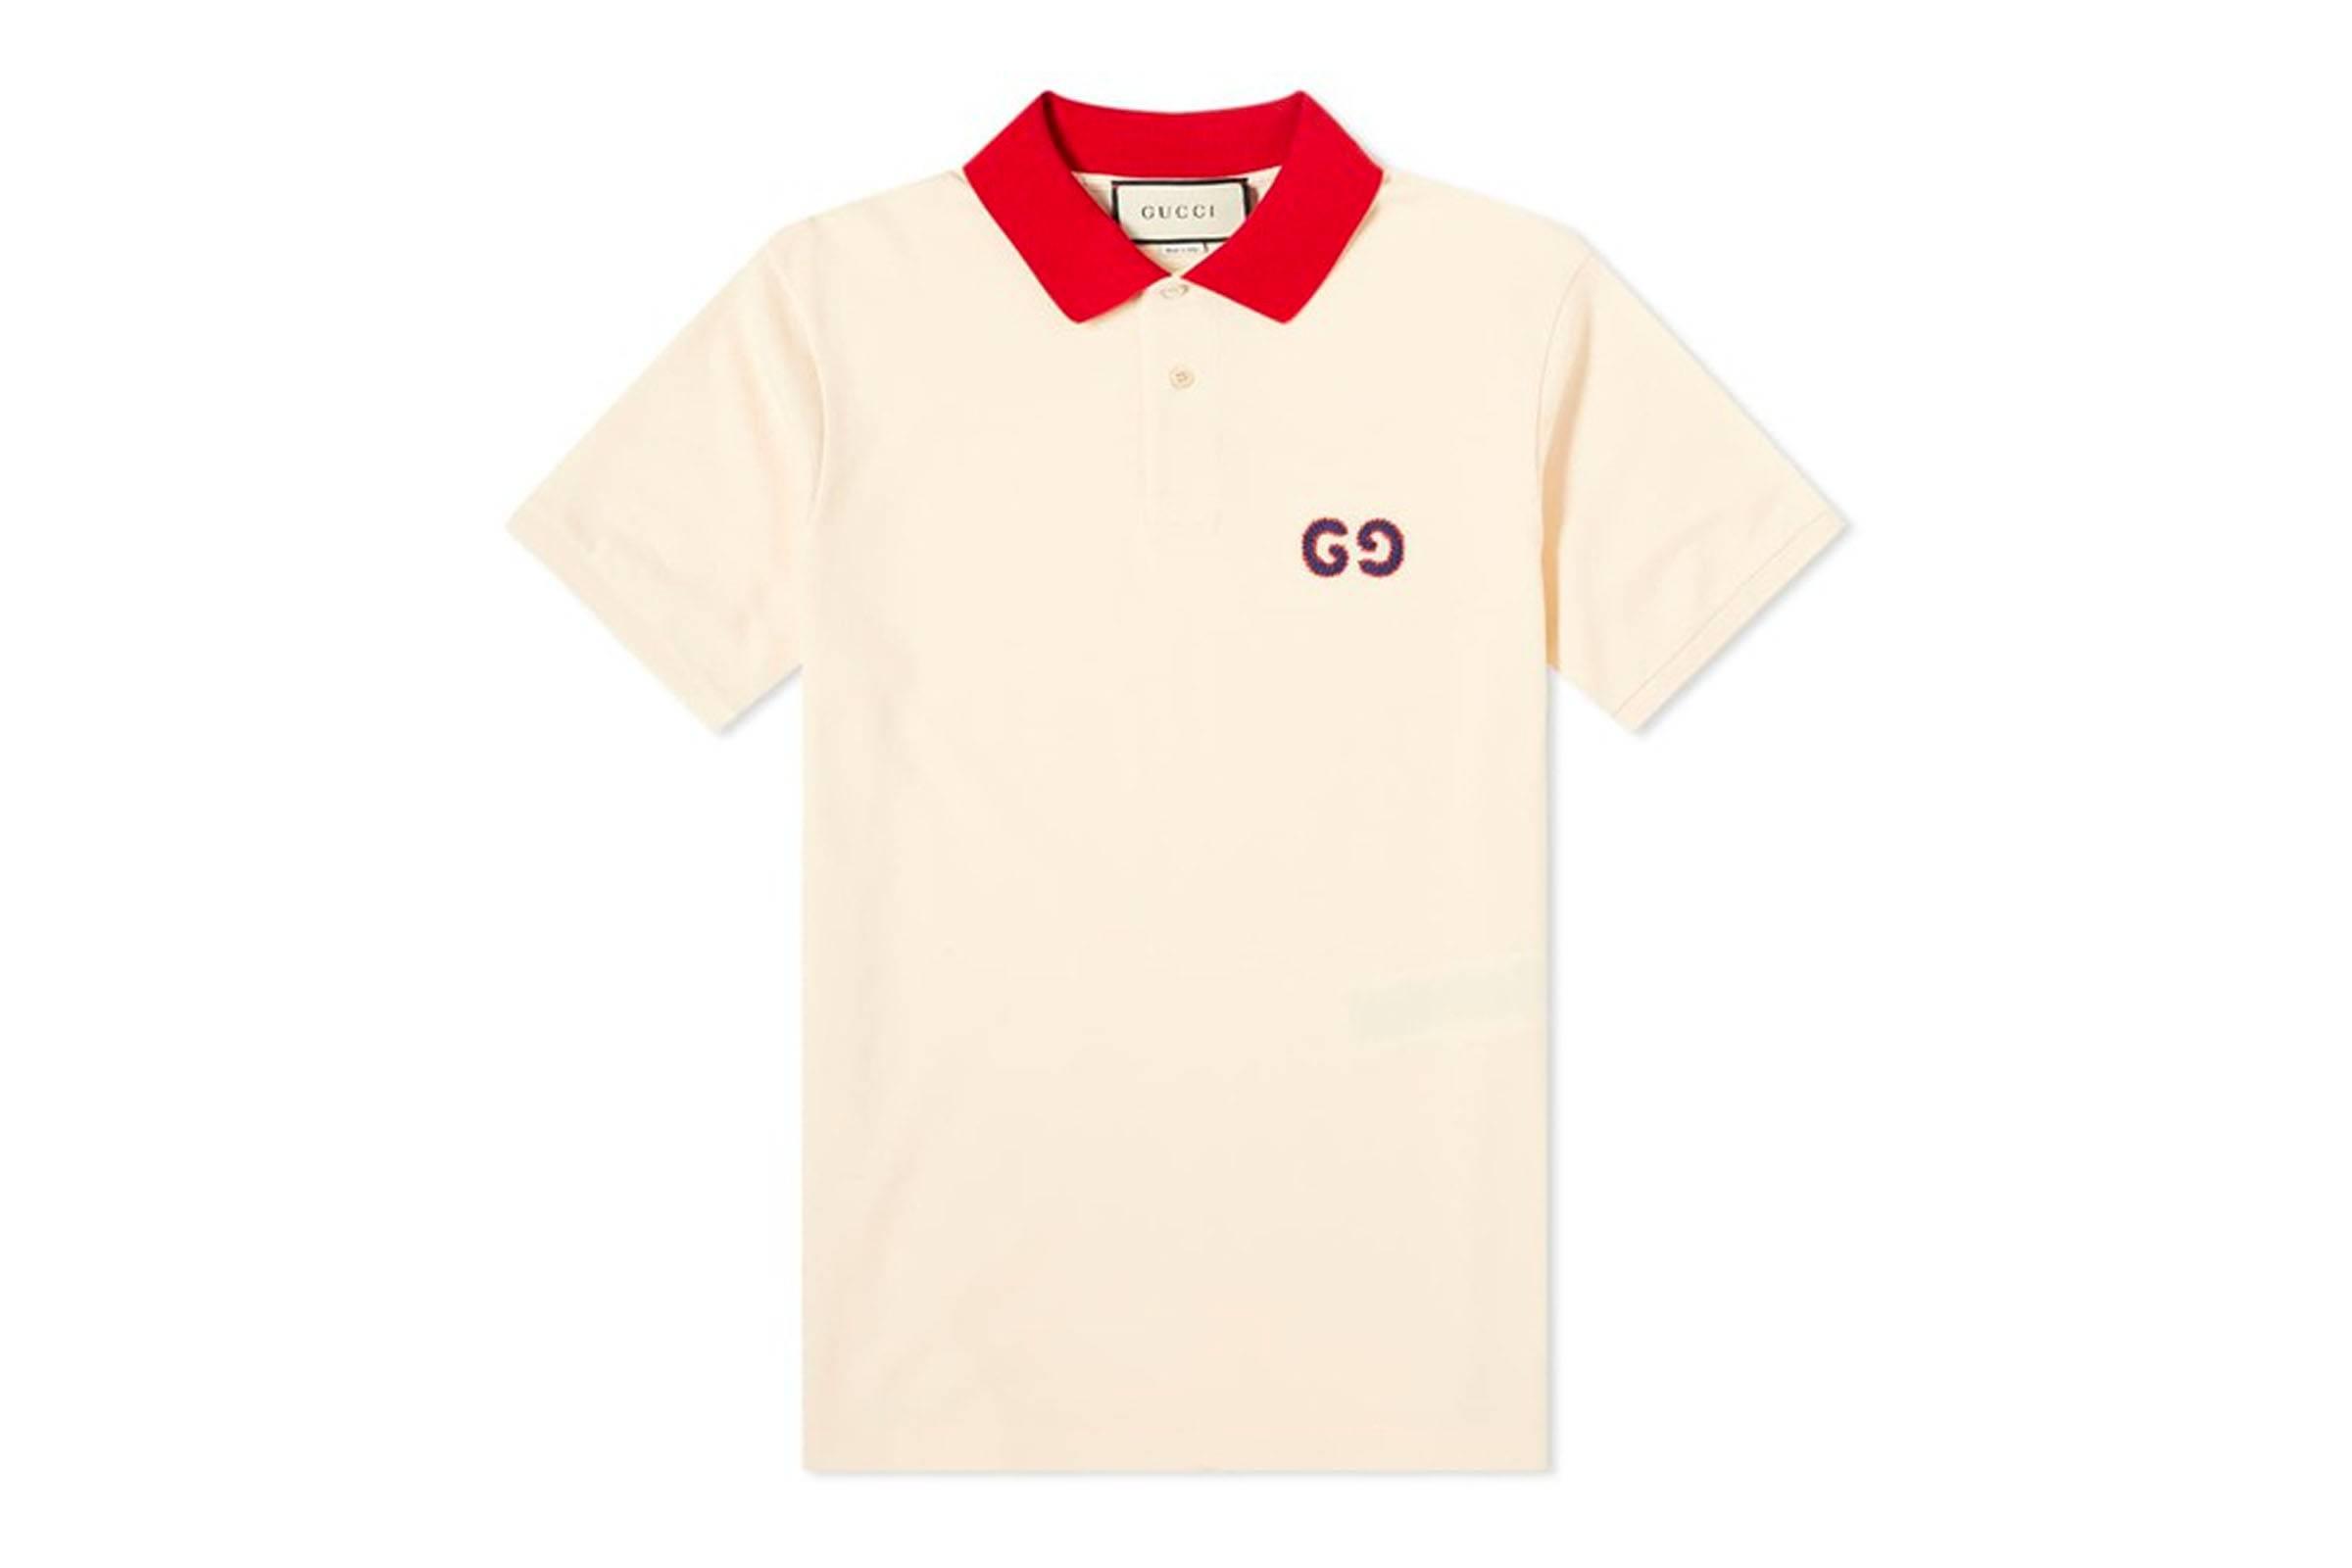 Gucci Contrast Collar Polo